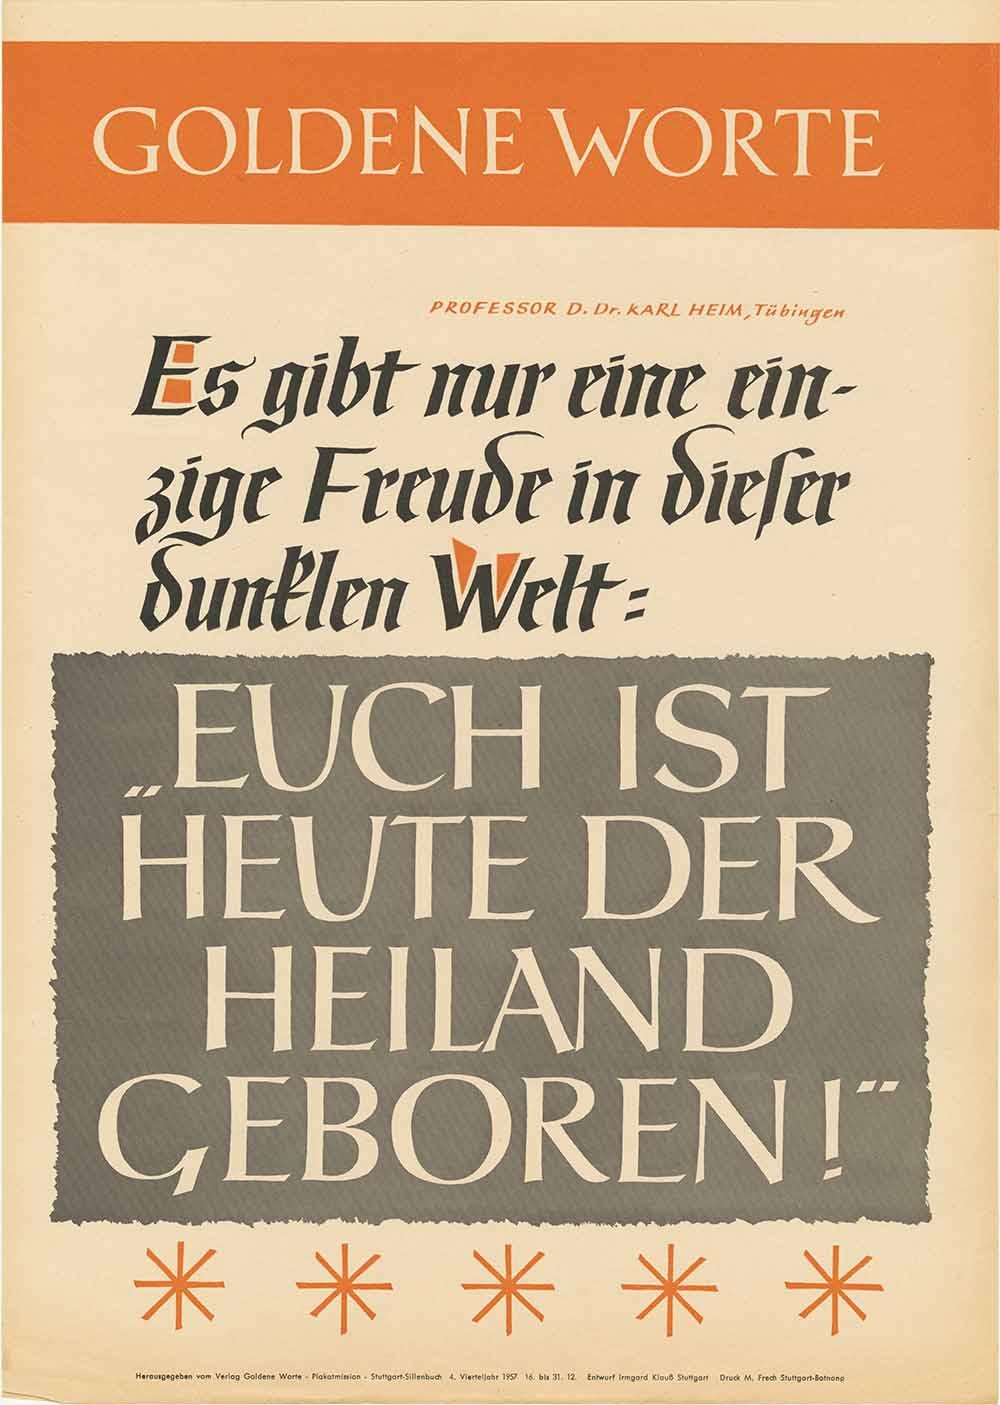 Goldene Worte zu Weihnachten   blog.archiv.ekir.de